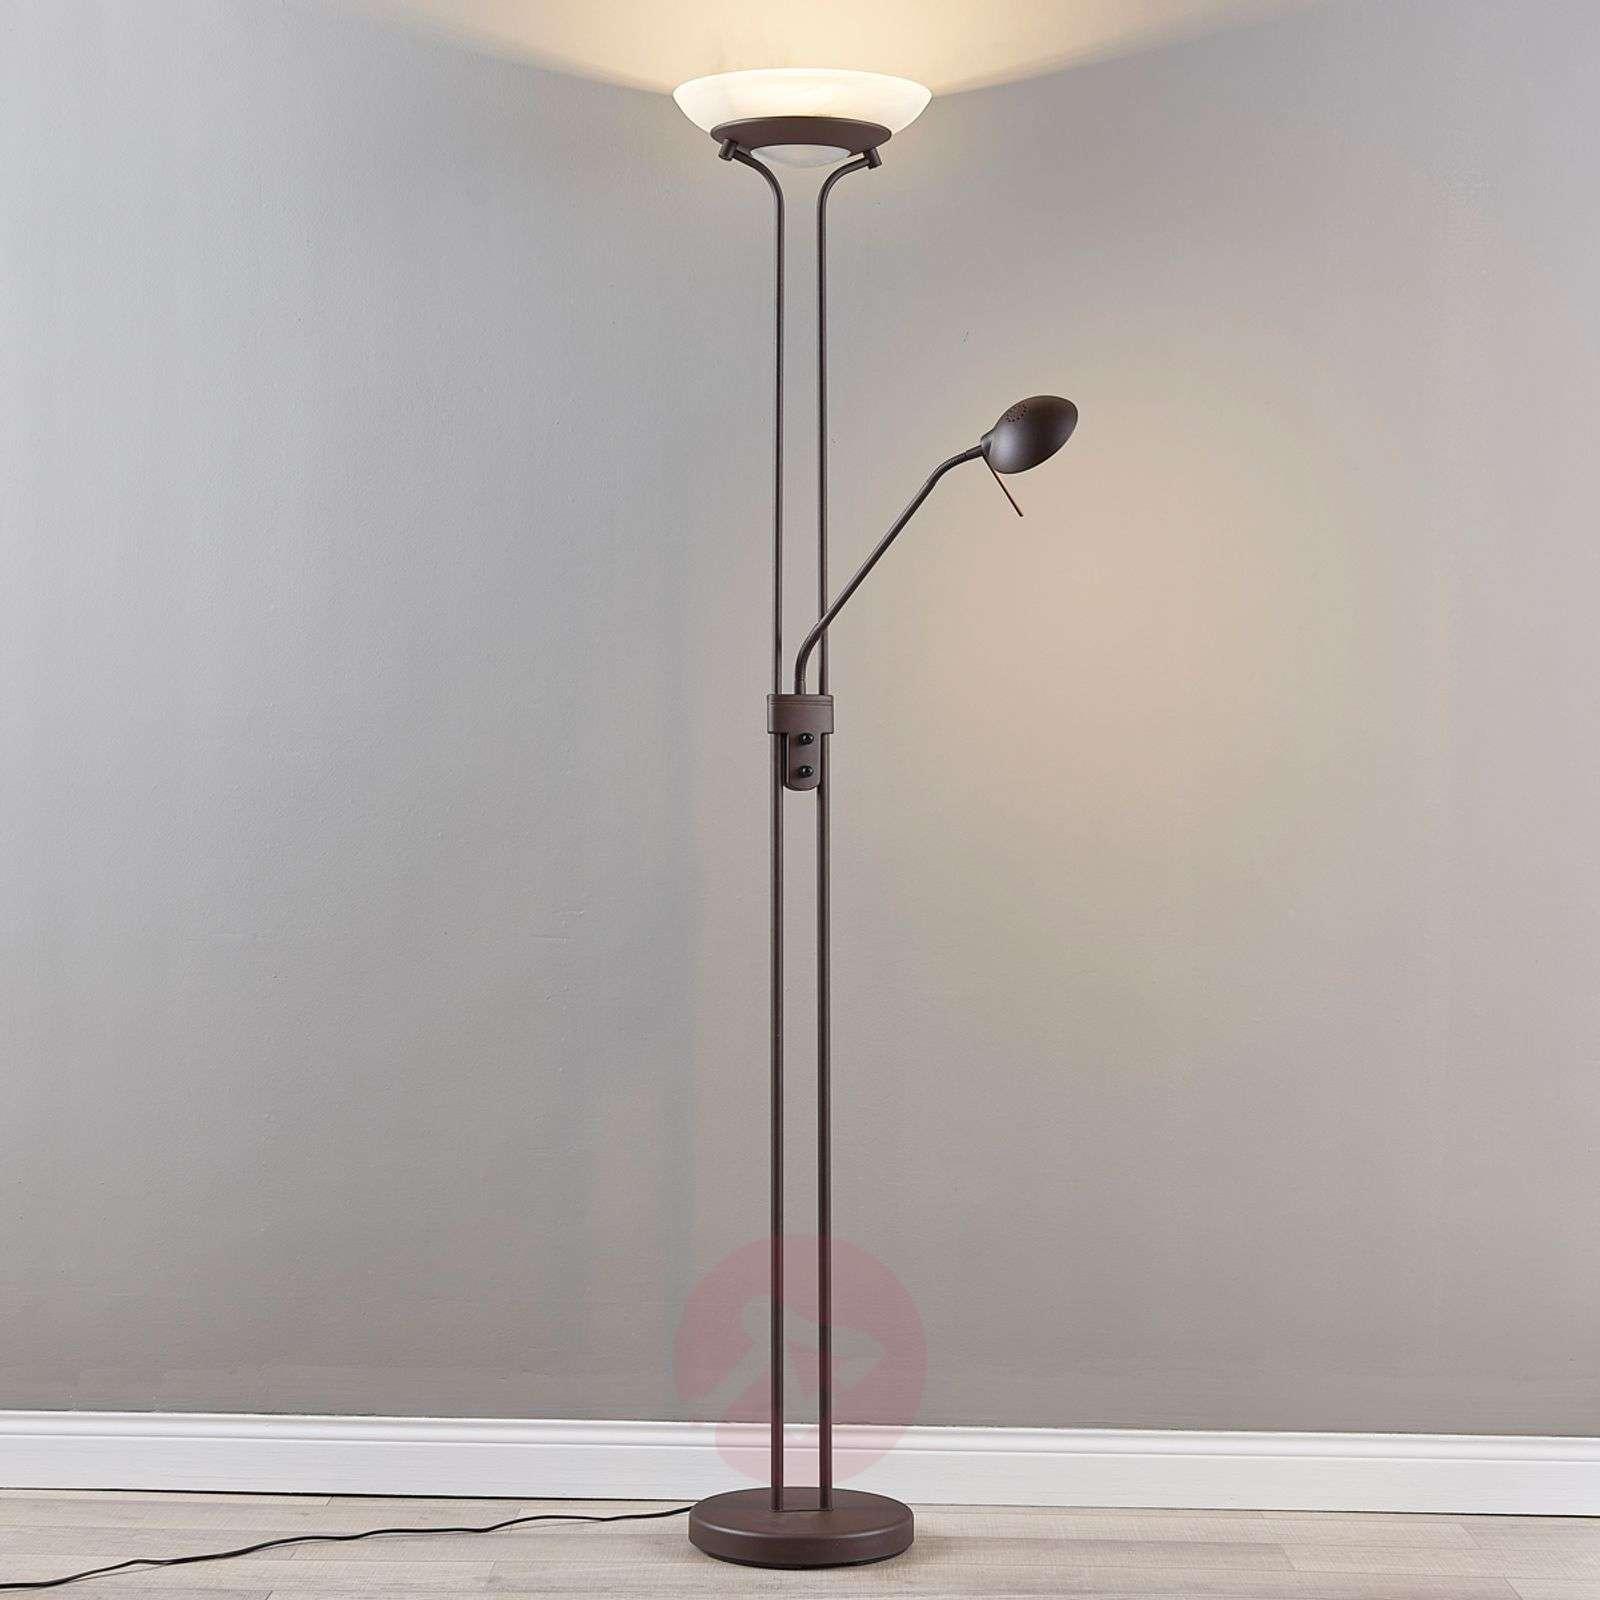 Yveta rust-coloured LED uplighter with dimmer-9620912-07